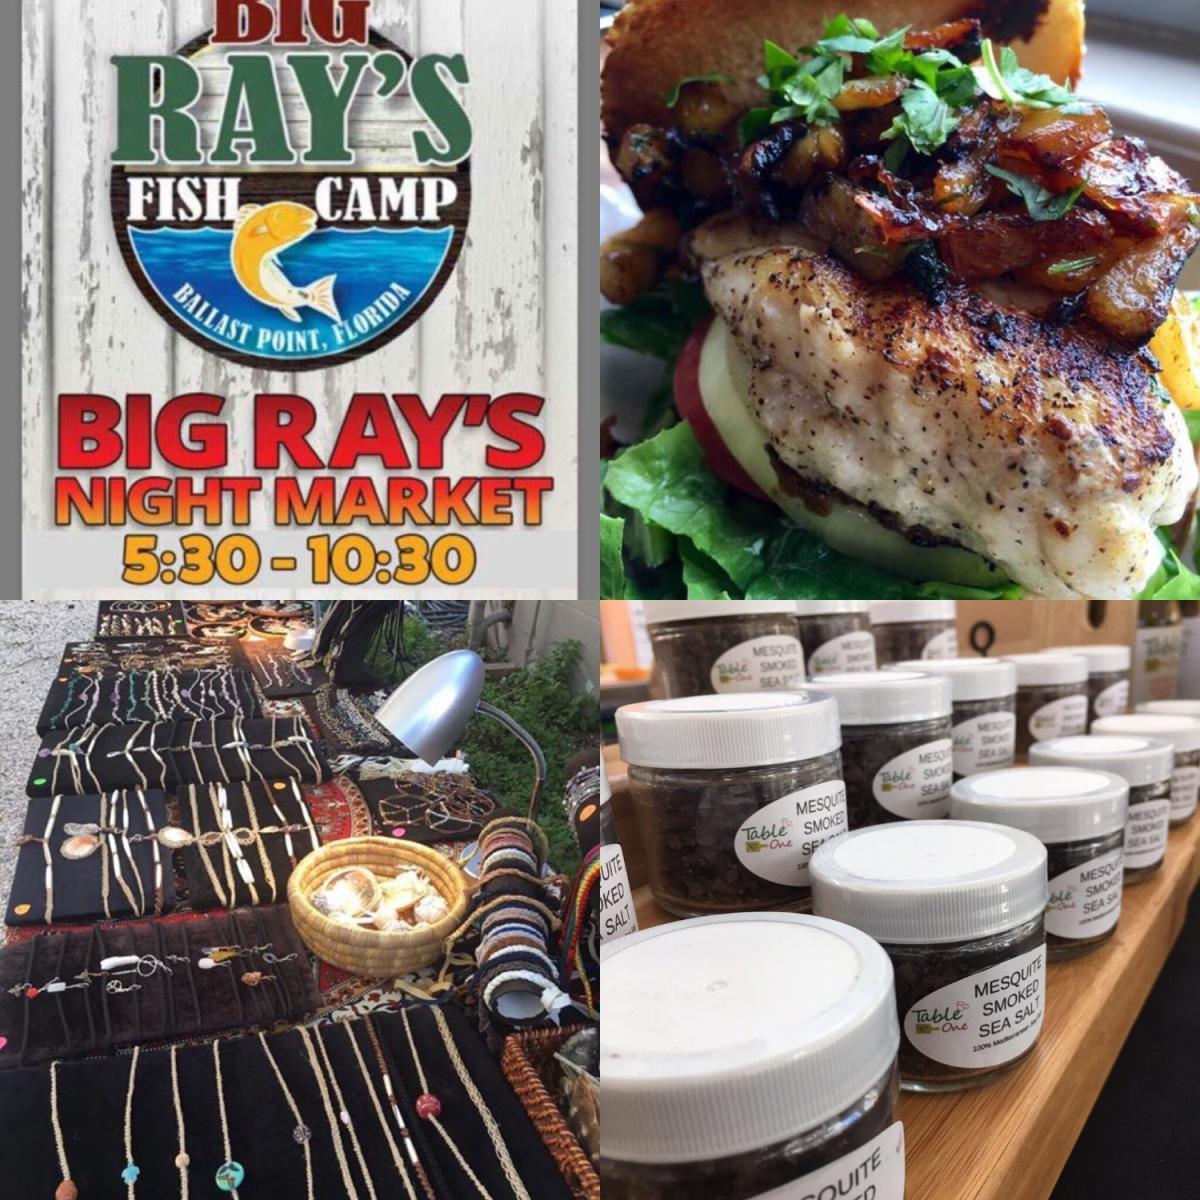 Night Market at Big Rays Fishcamp